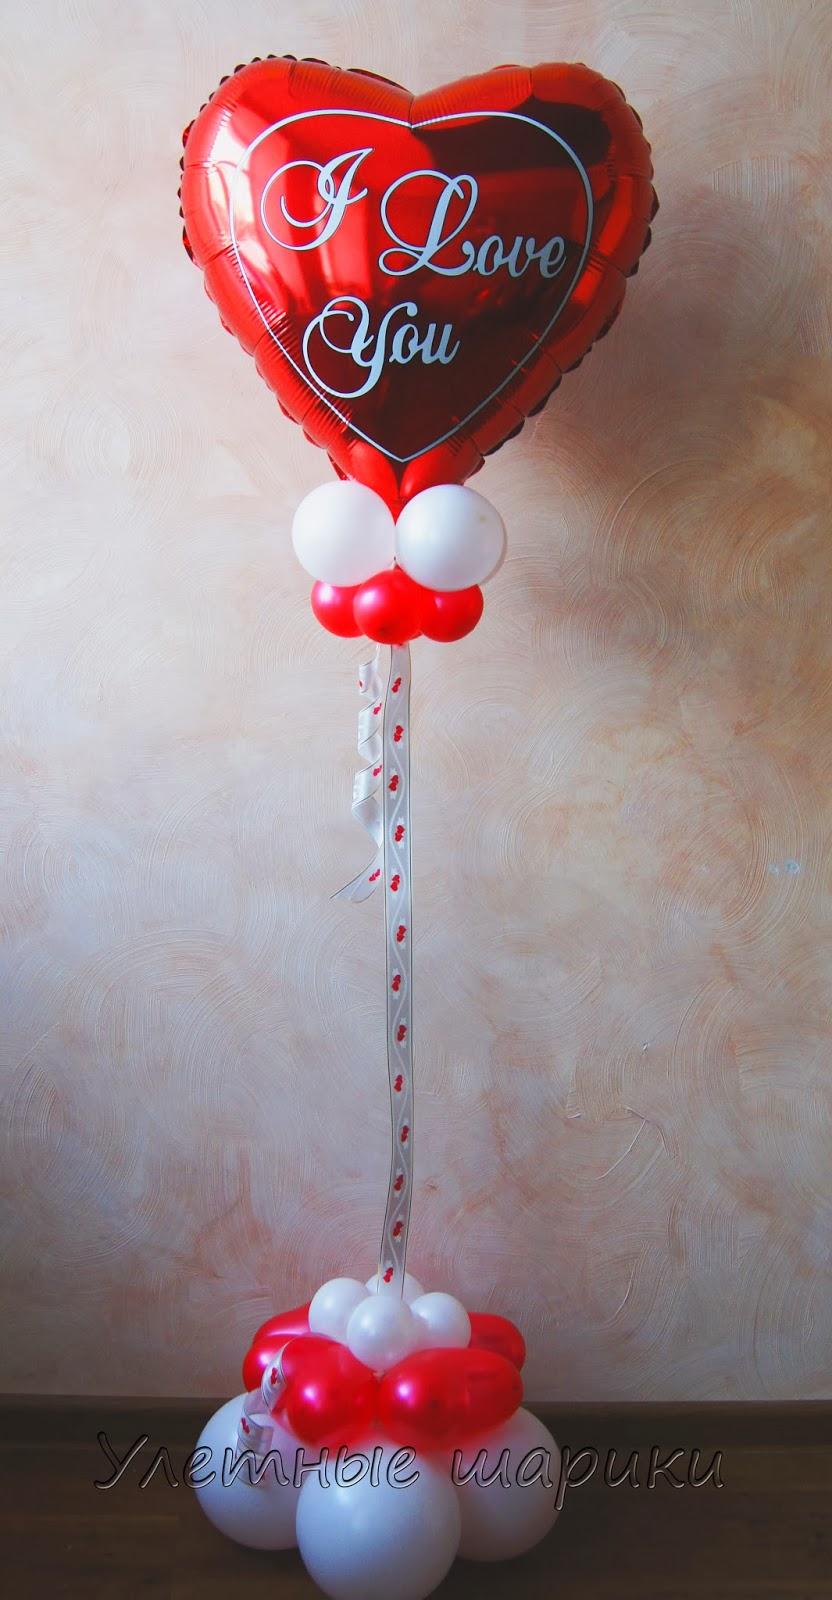 Композиция из воздушных шаров с сердечком и надписью I love you